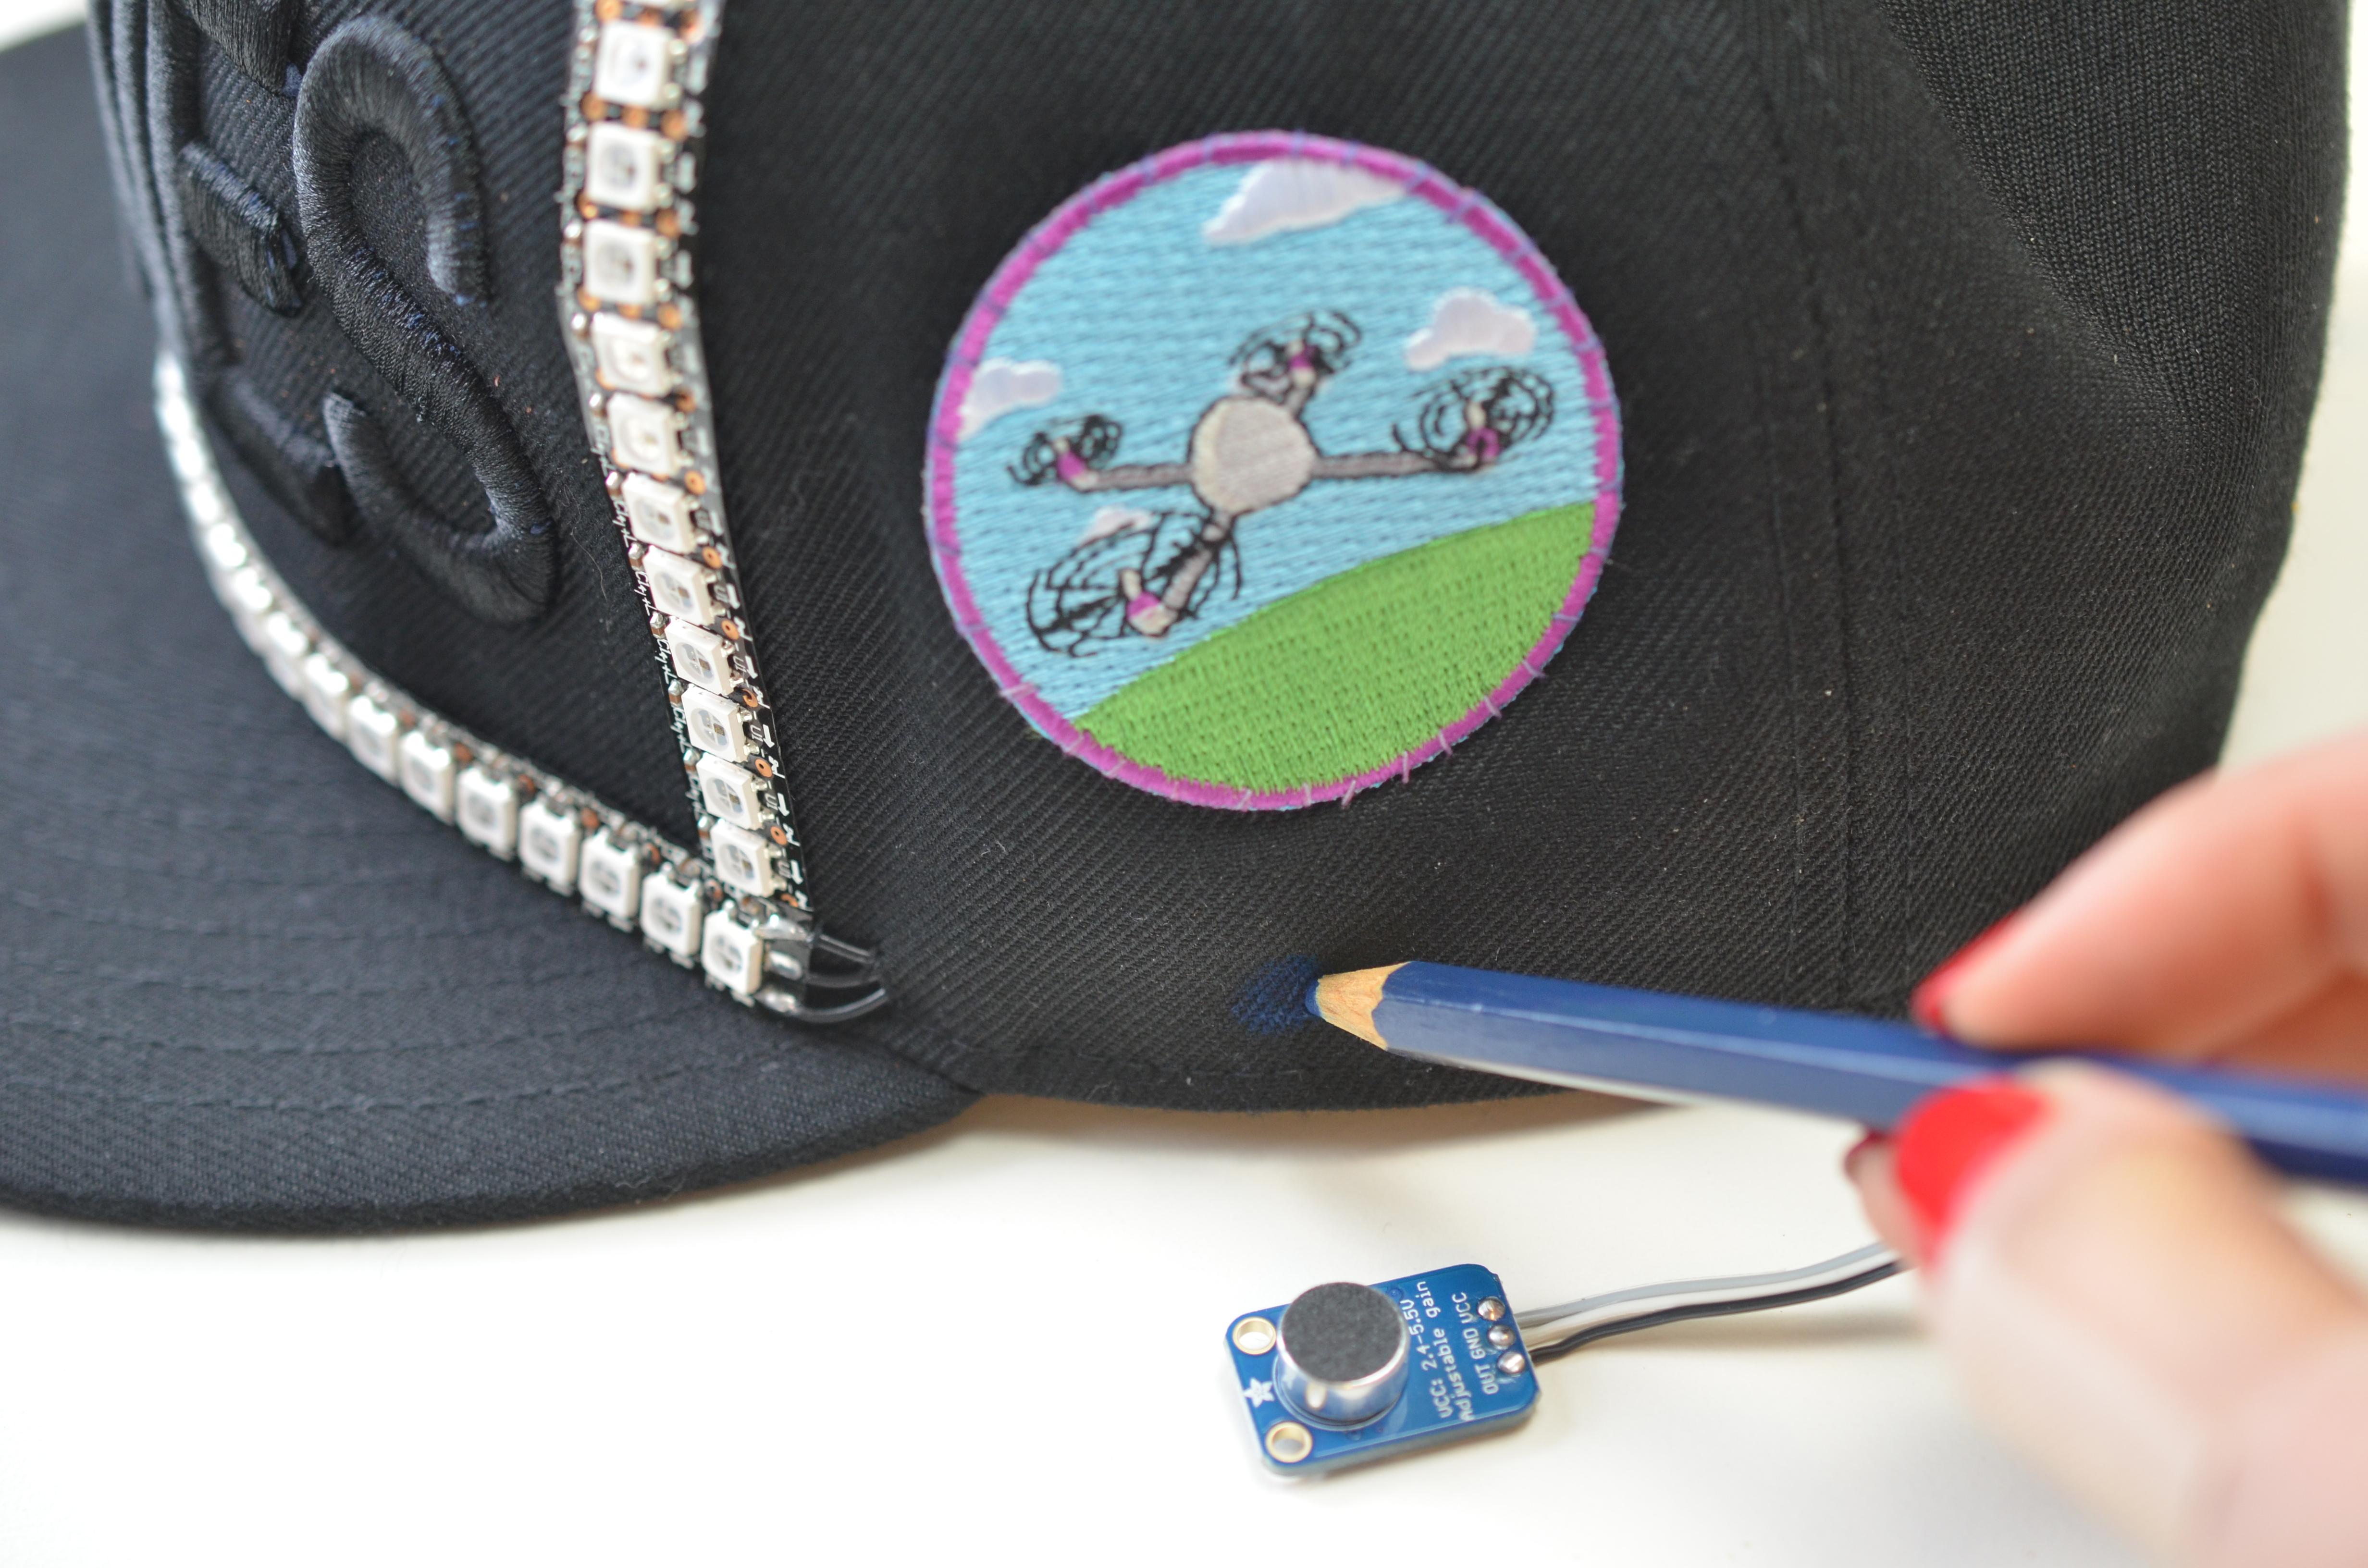 flora_vu-meter-baseball-hat-27.jpg